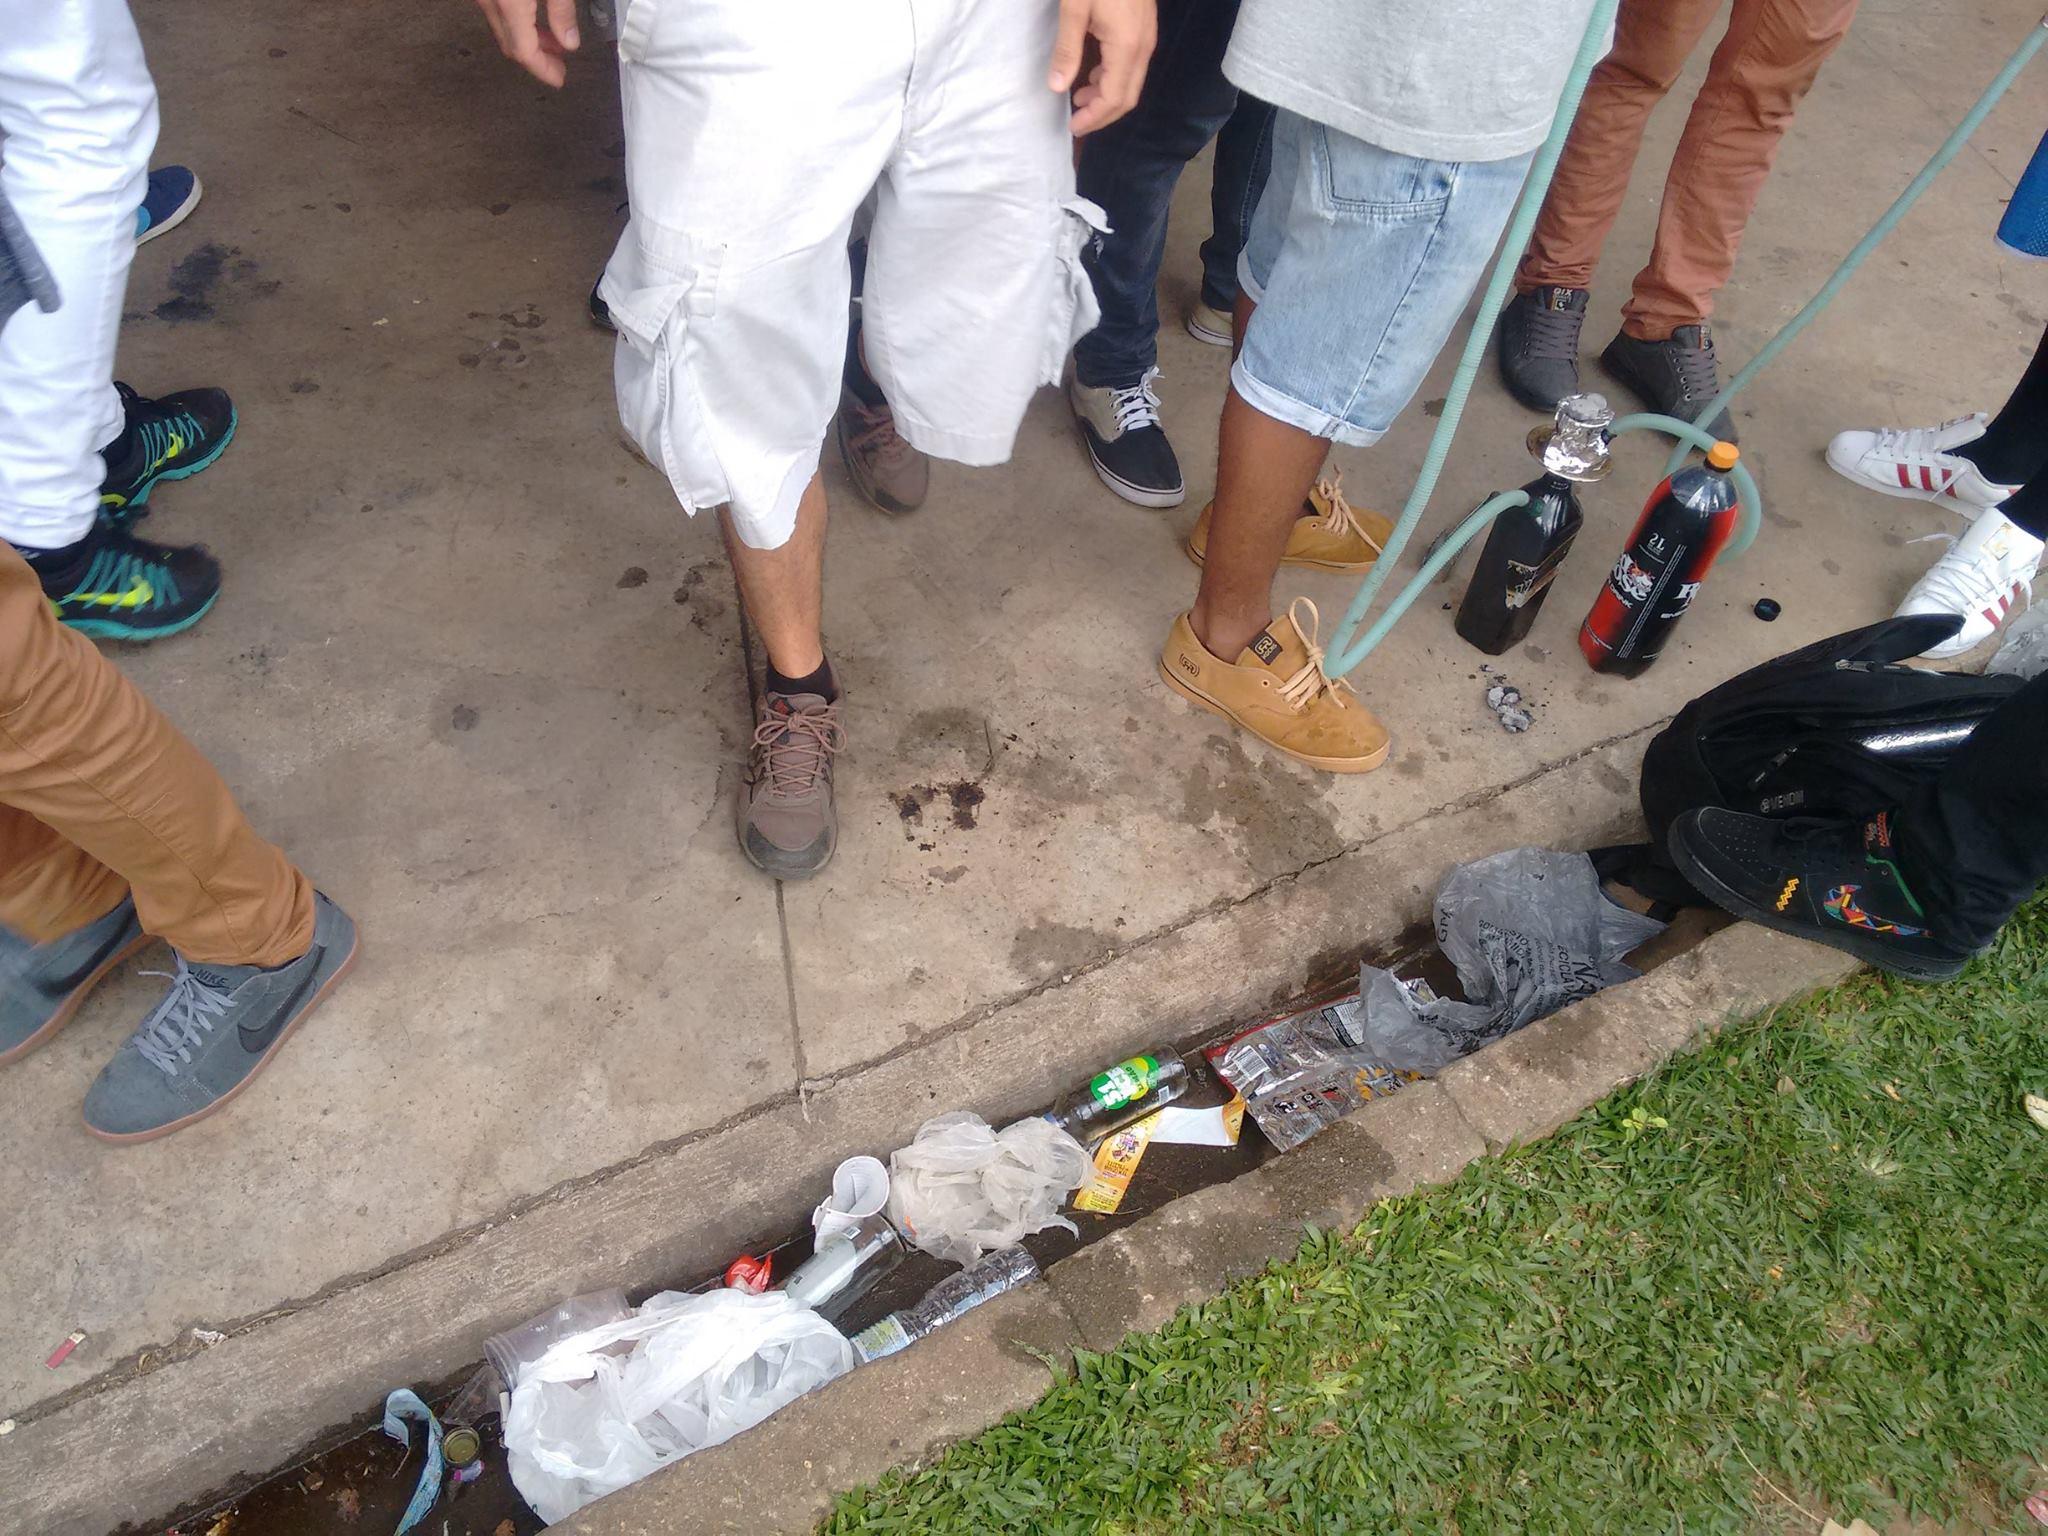 Grupo denuncia quantidade de lixo jogada no parque Ibirapuera